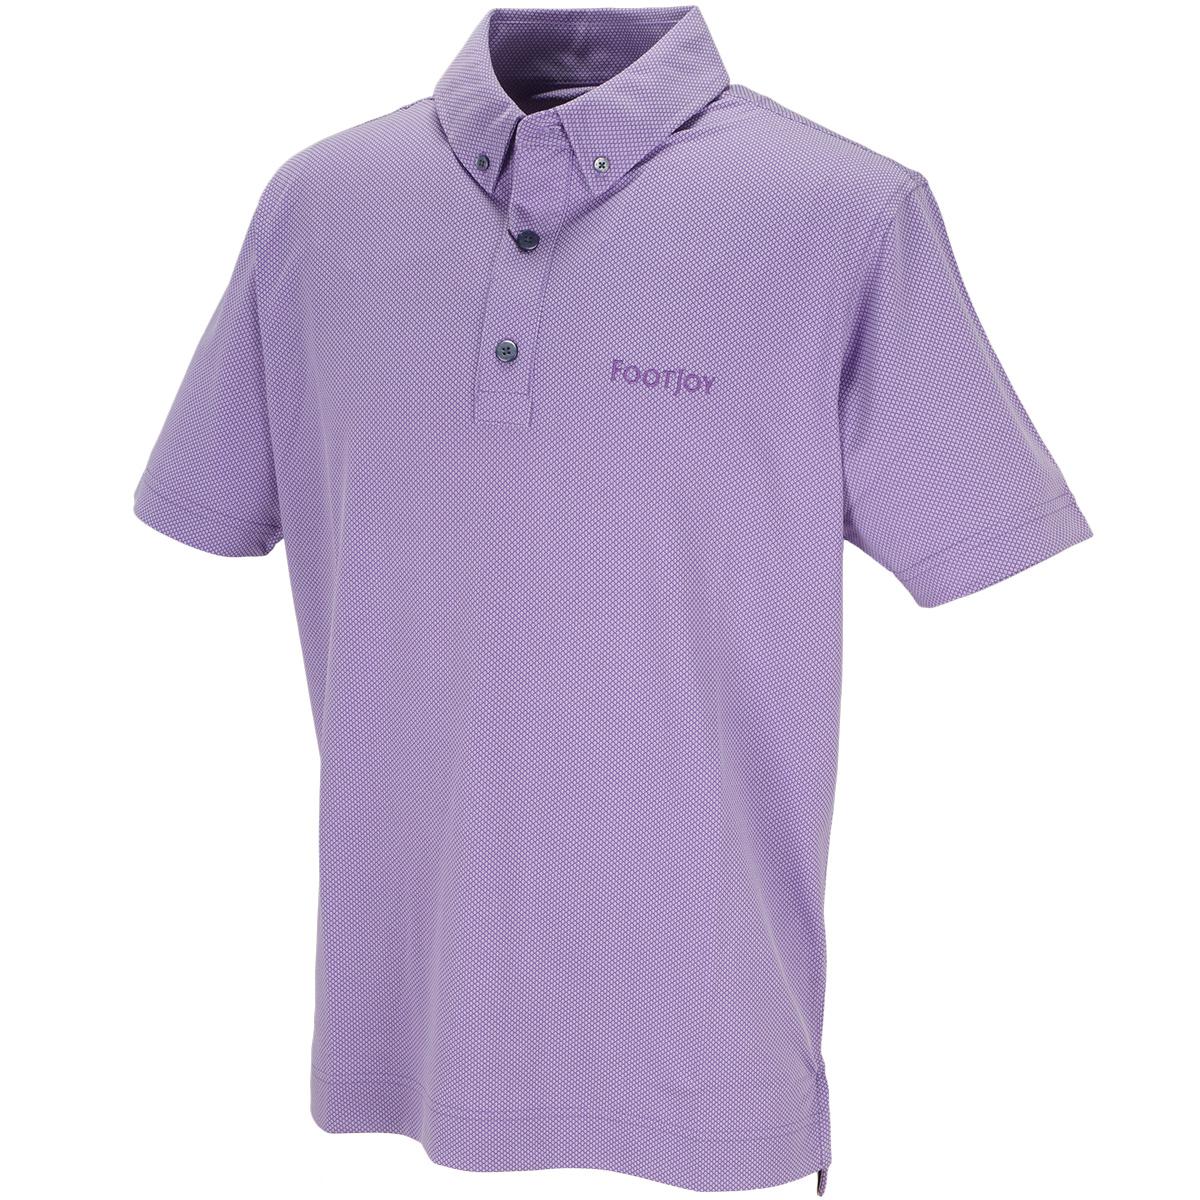 4ドットジャカード ボタンダウン半袖ポロシャツ